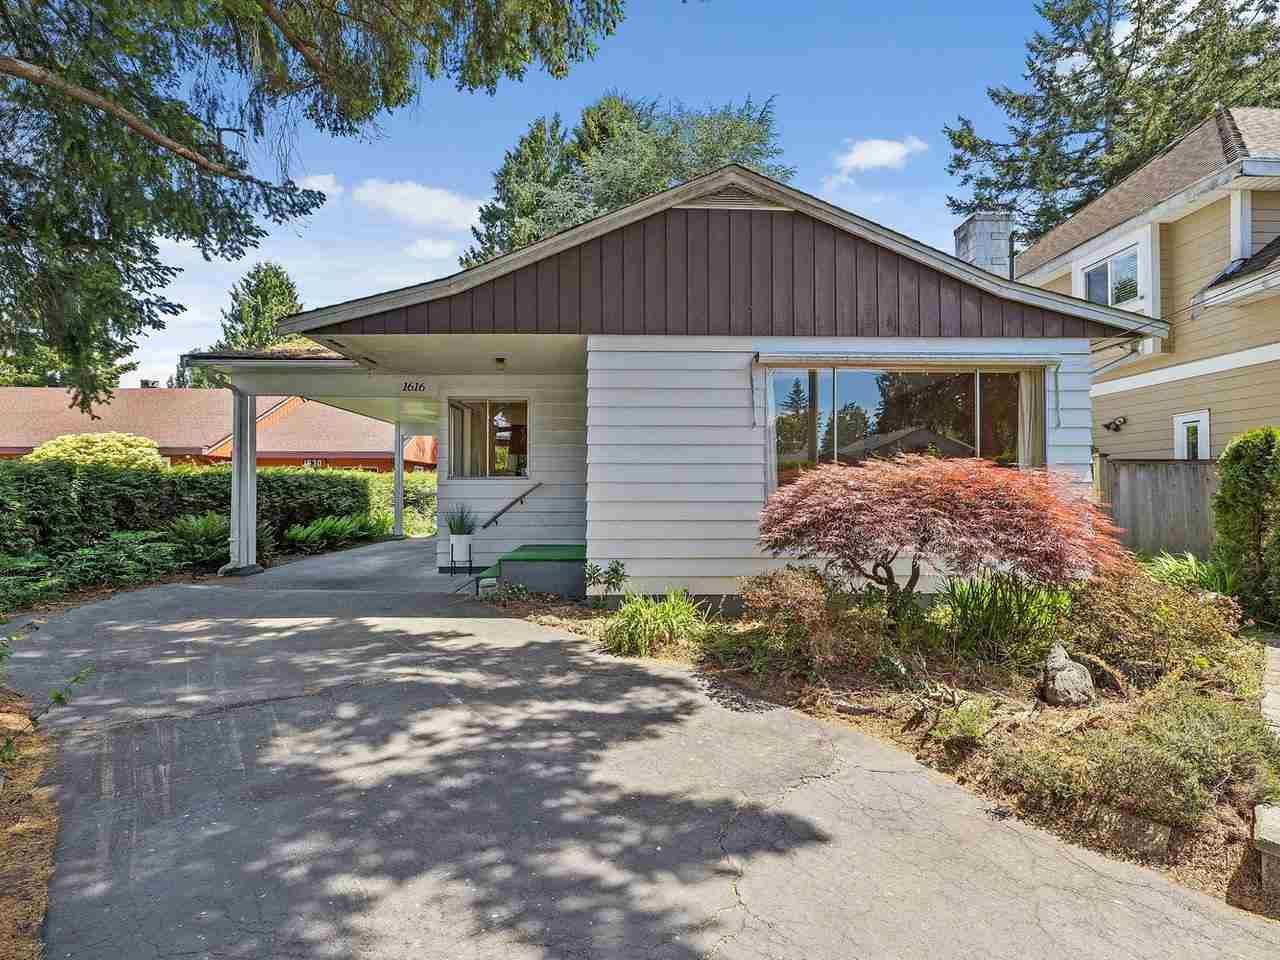 Main Photo: 1616 BRAID ROAD in Delta: Beach Grove House for sale (Tsawwassen)  : MLS®# R2589117